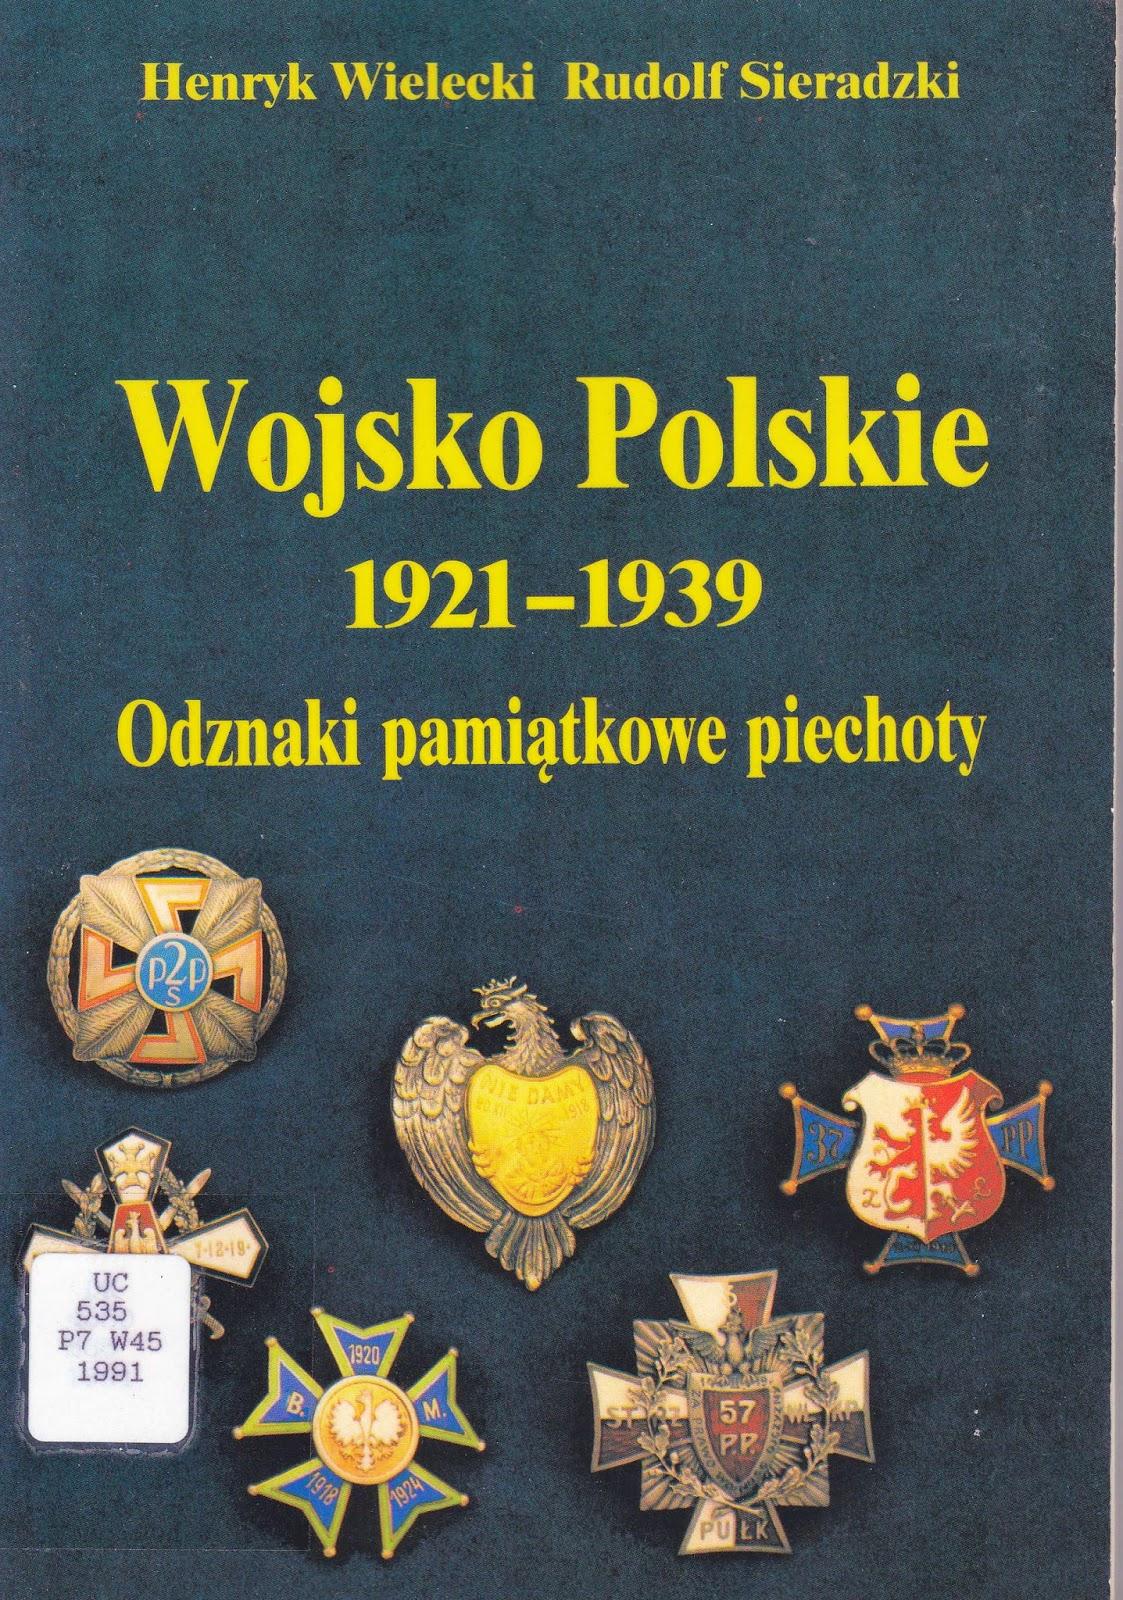 WOJSKO POLSKIE 1921-1939 Odznaki pamiatkowe piechoty (Polish Army 1921-1939 Commemorative Infantry Badges)